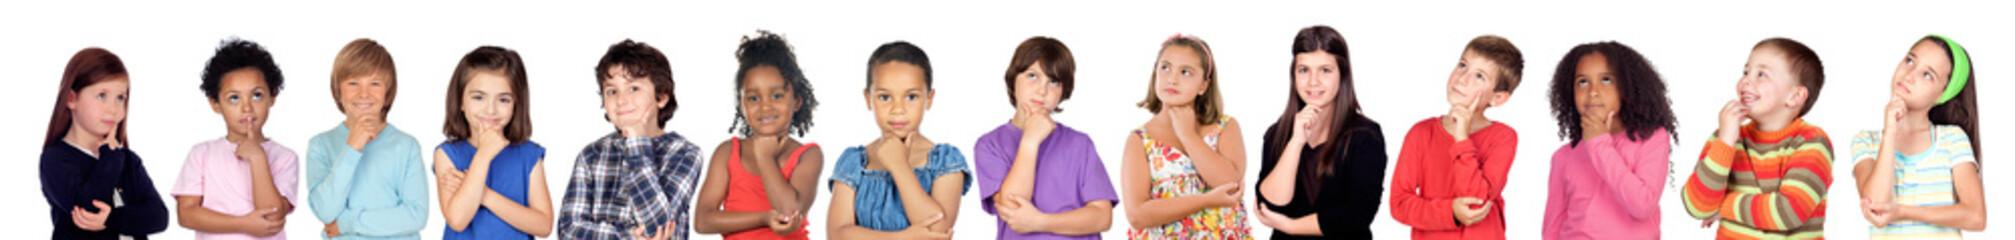 Many children thinking